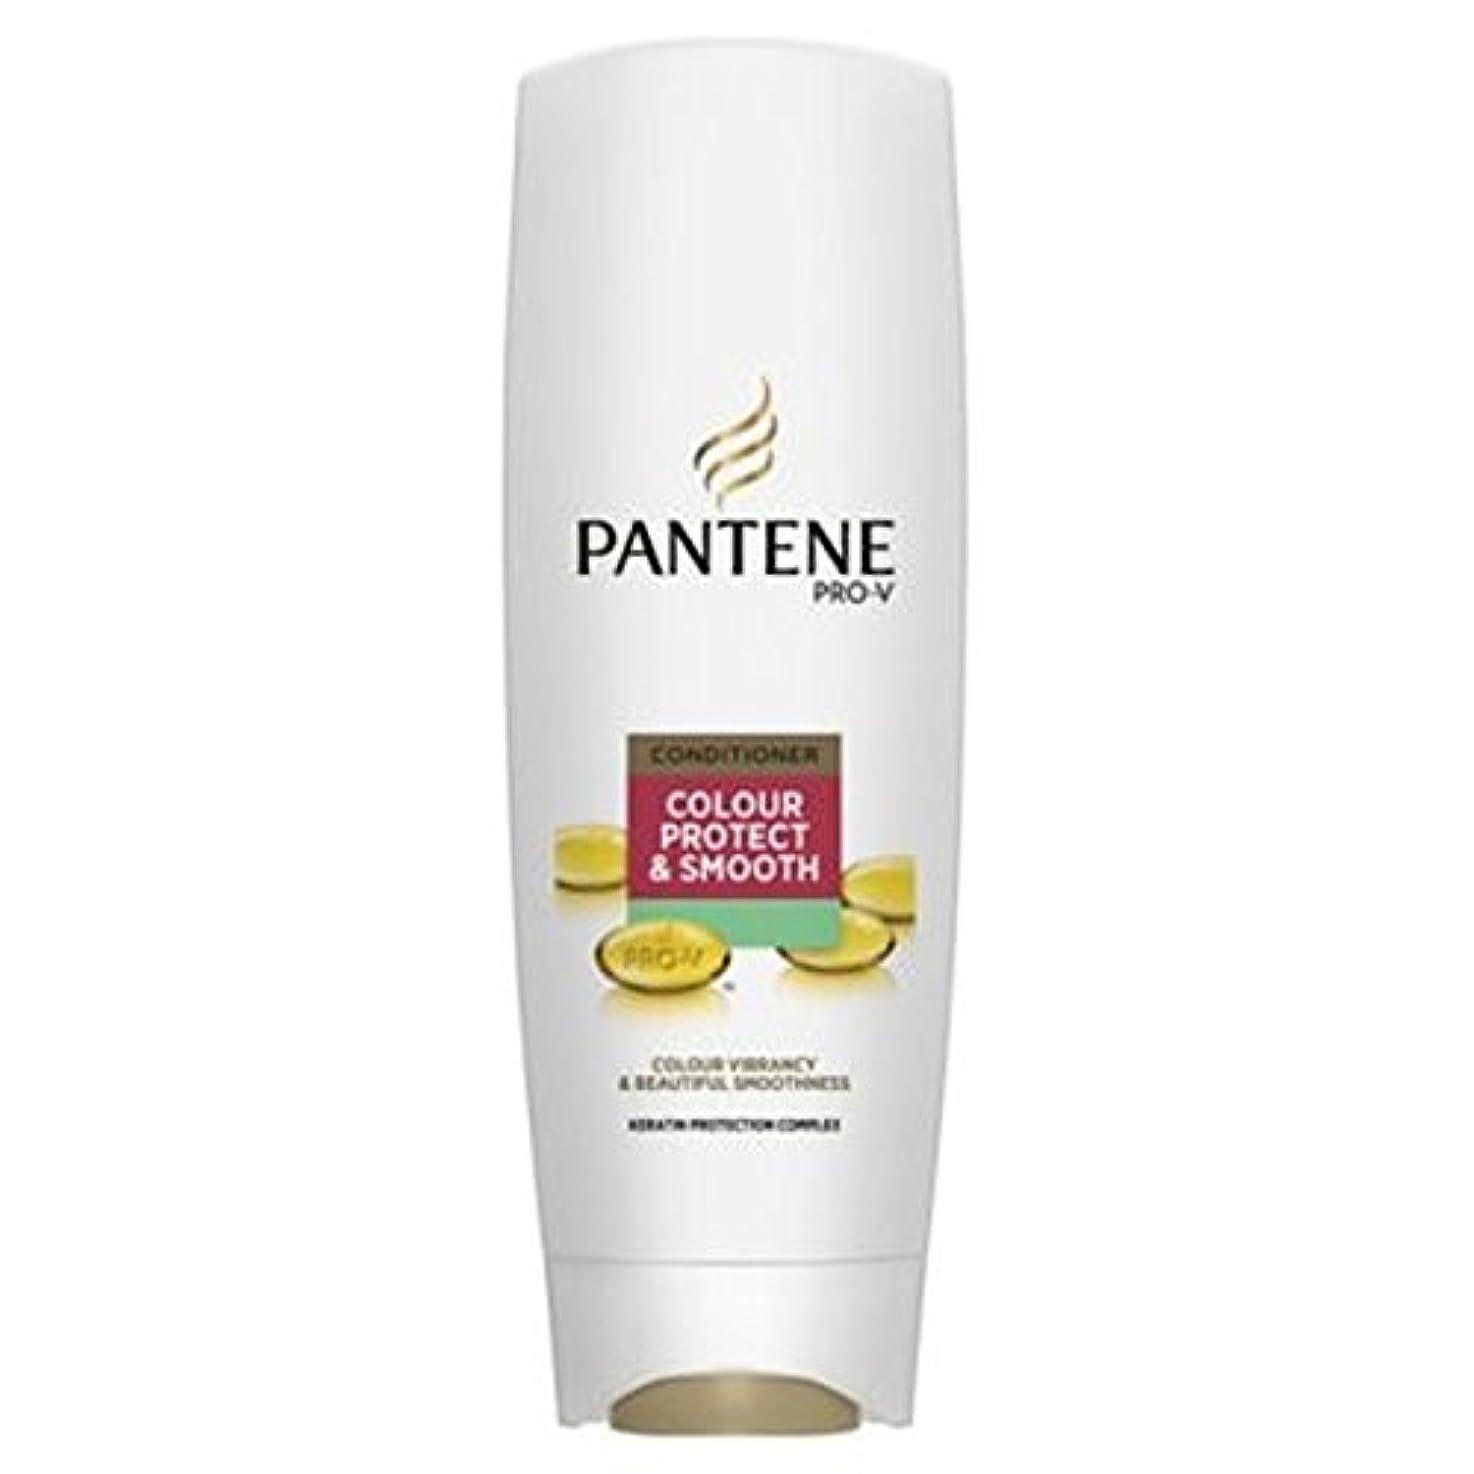 強制料理をするミンチパンテーンプロVの色保護&スムーズコンディショナー360ミリリットル (Pantene) (x2) - Pantene Pro-V Colour Protect & Smooth Conditioner 360ml (Pack...